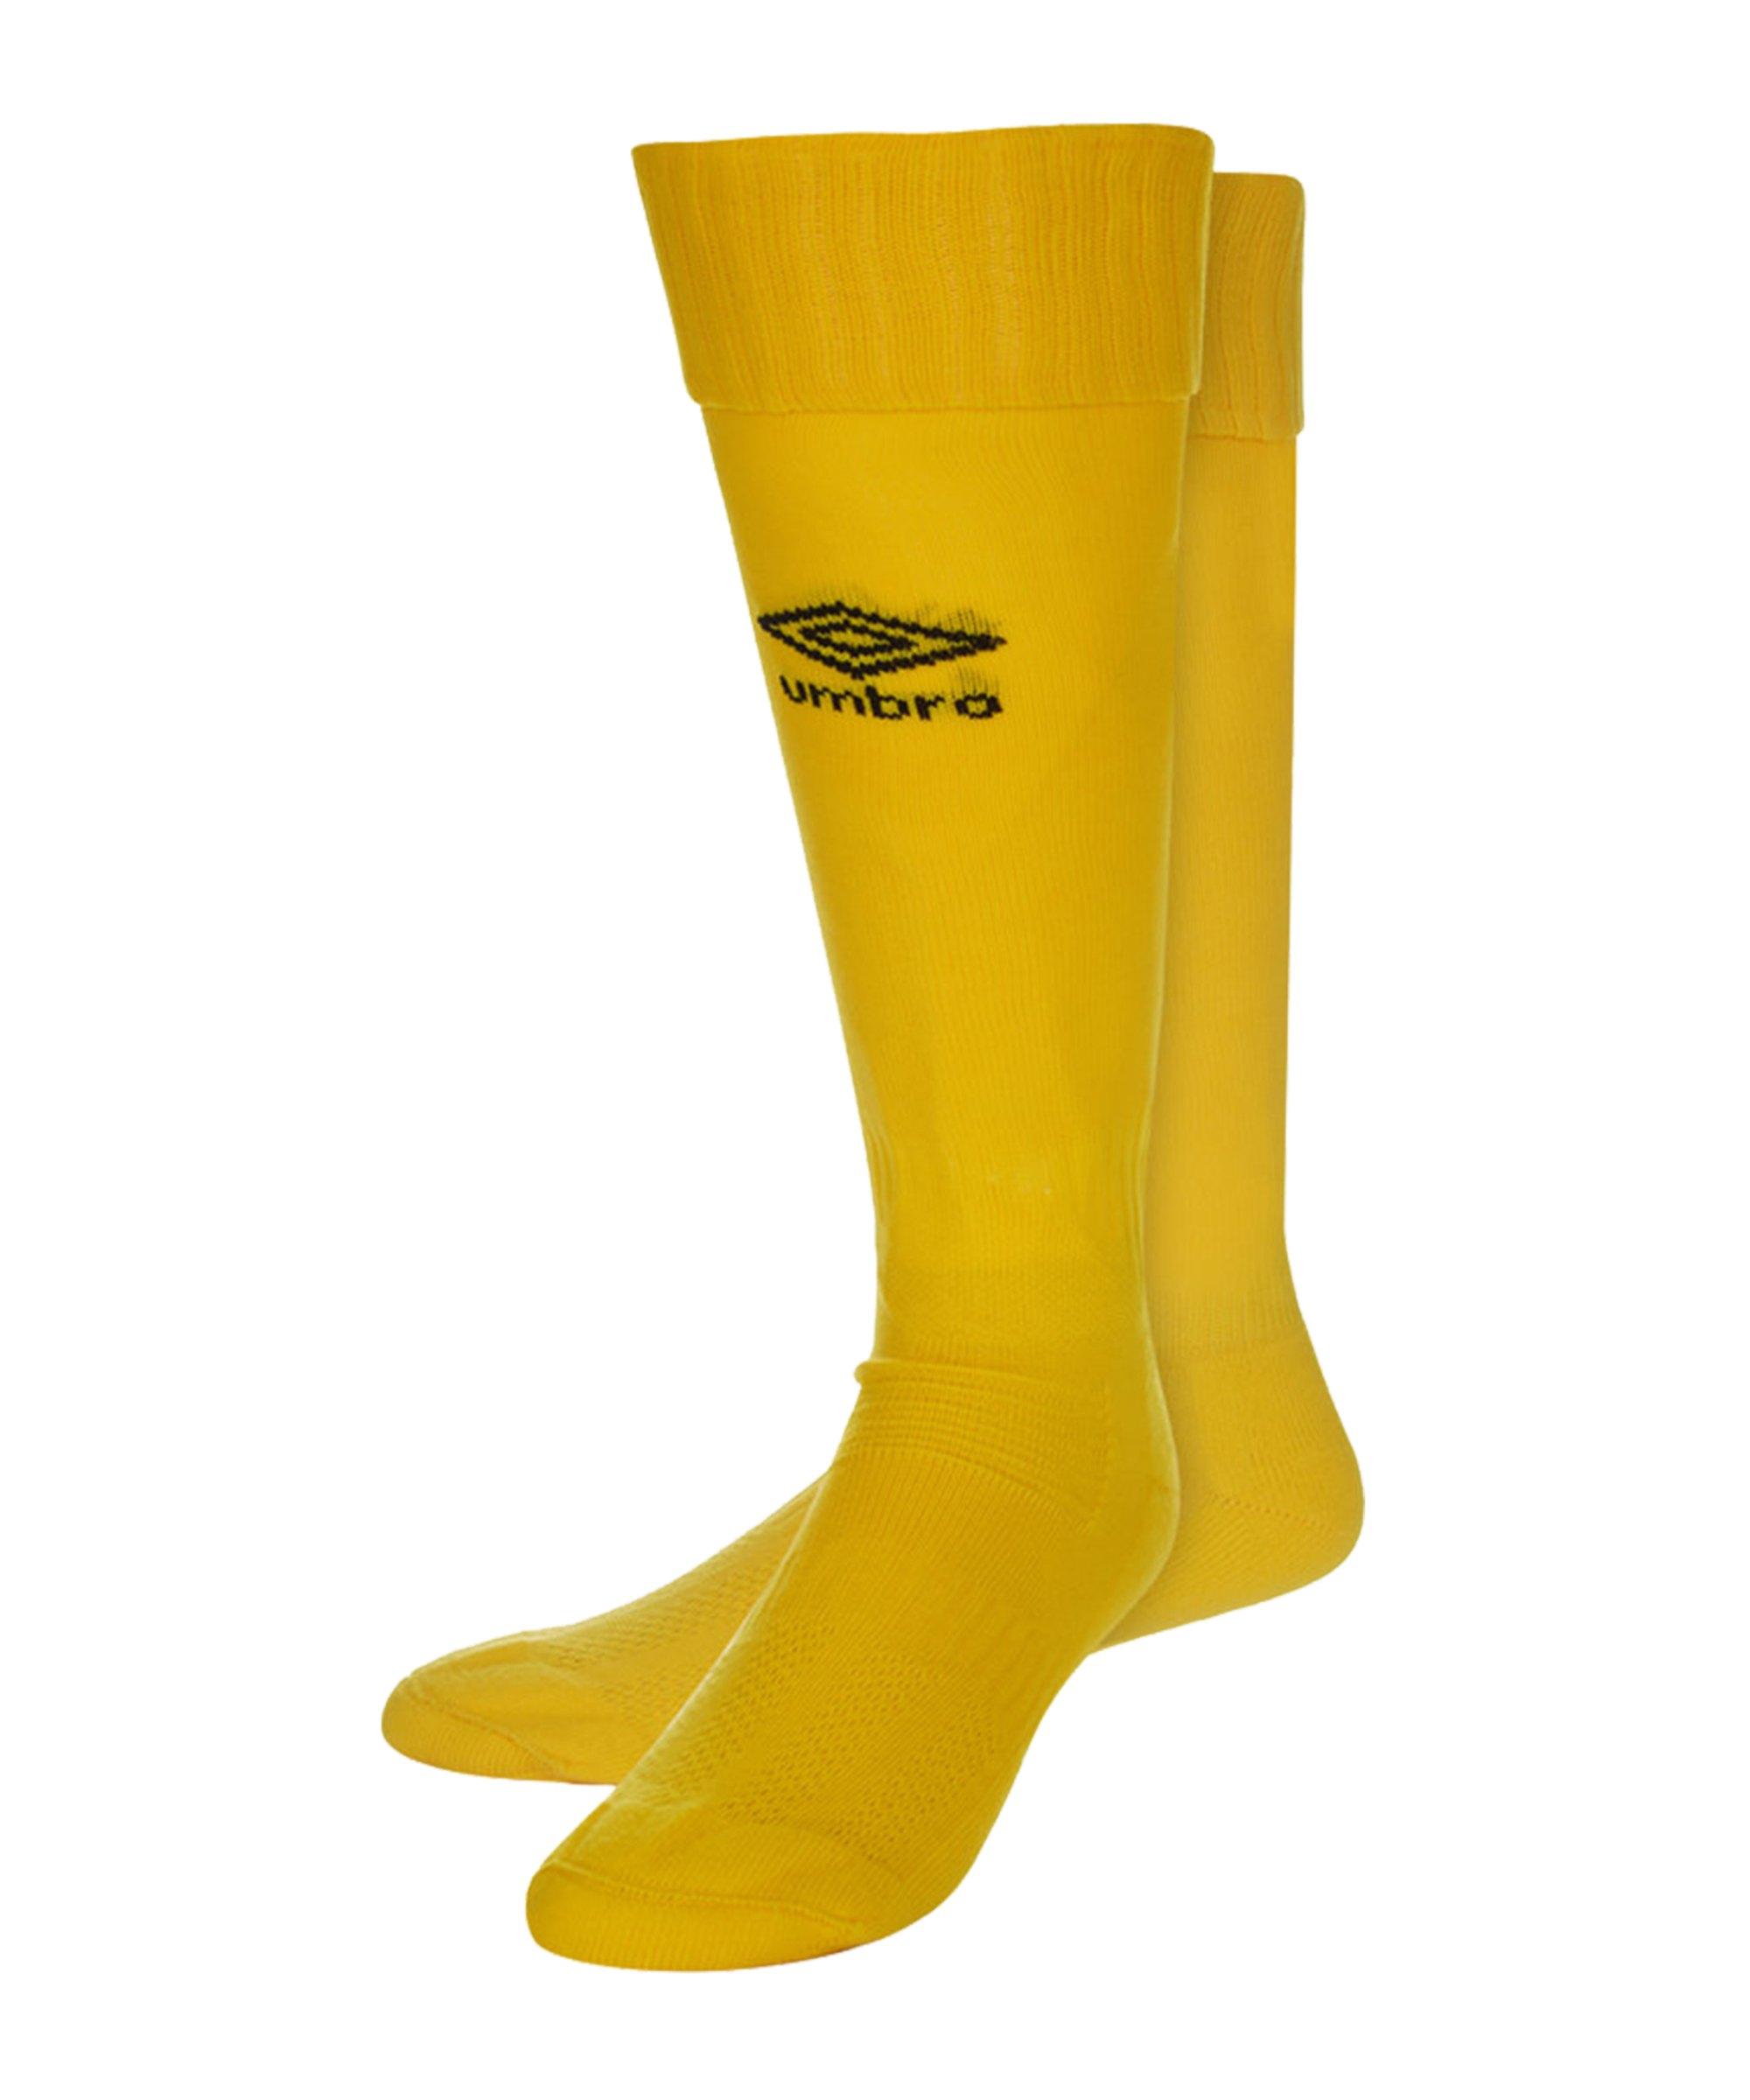 Umbro Primo Strumpfstutzen Kinder Gelb F0LF - gelb